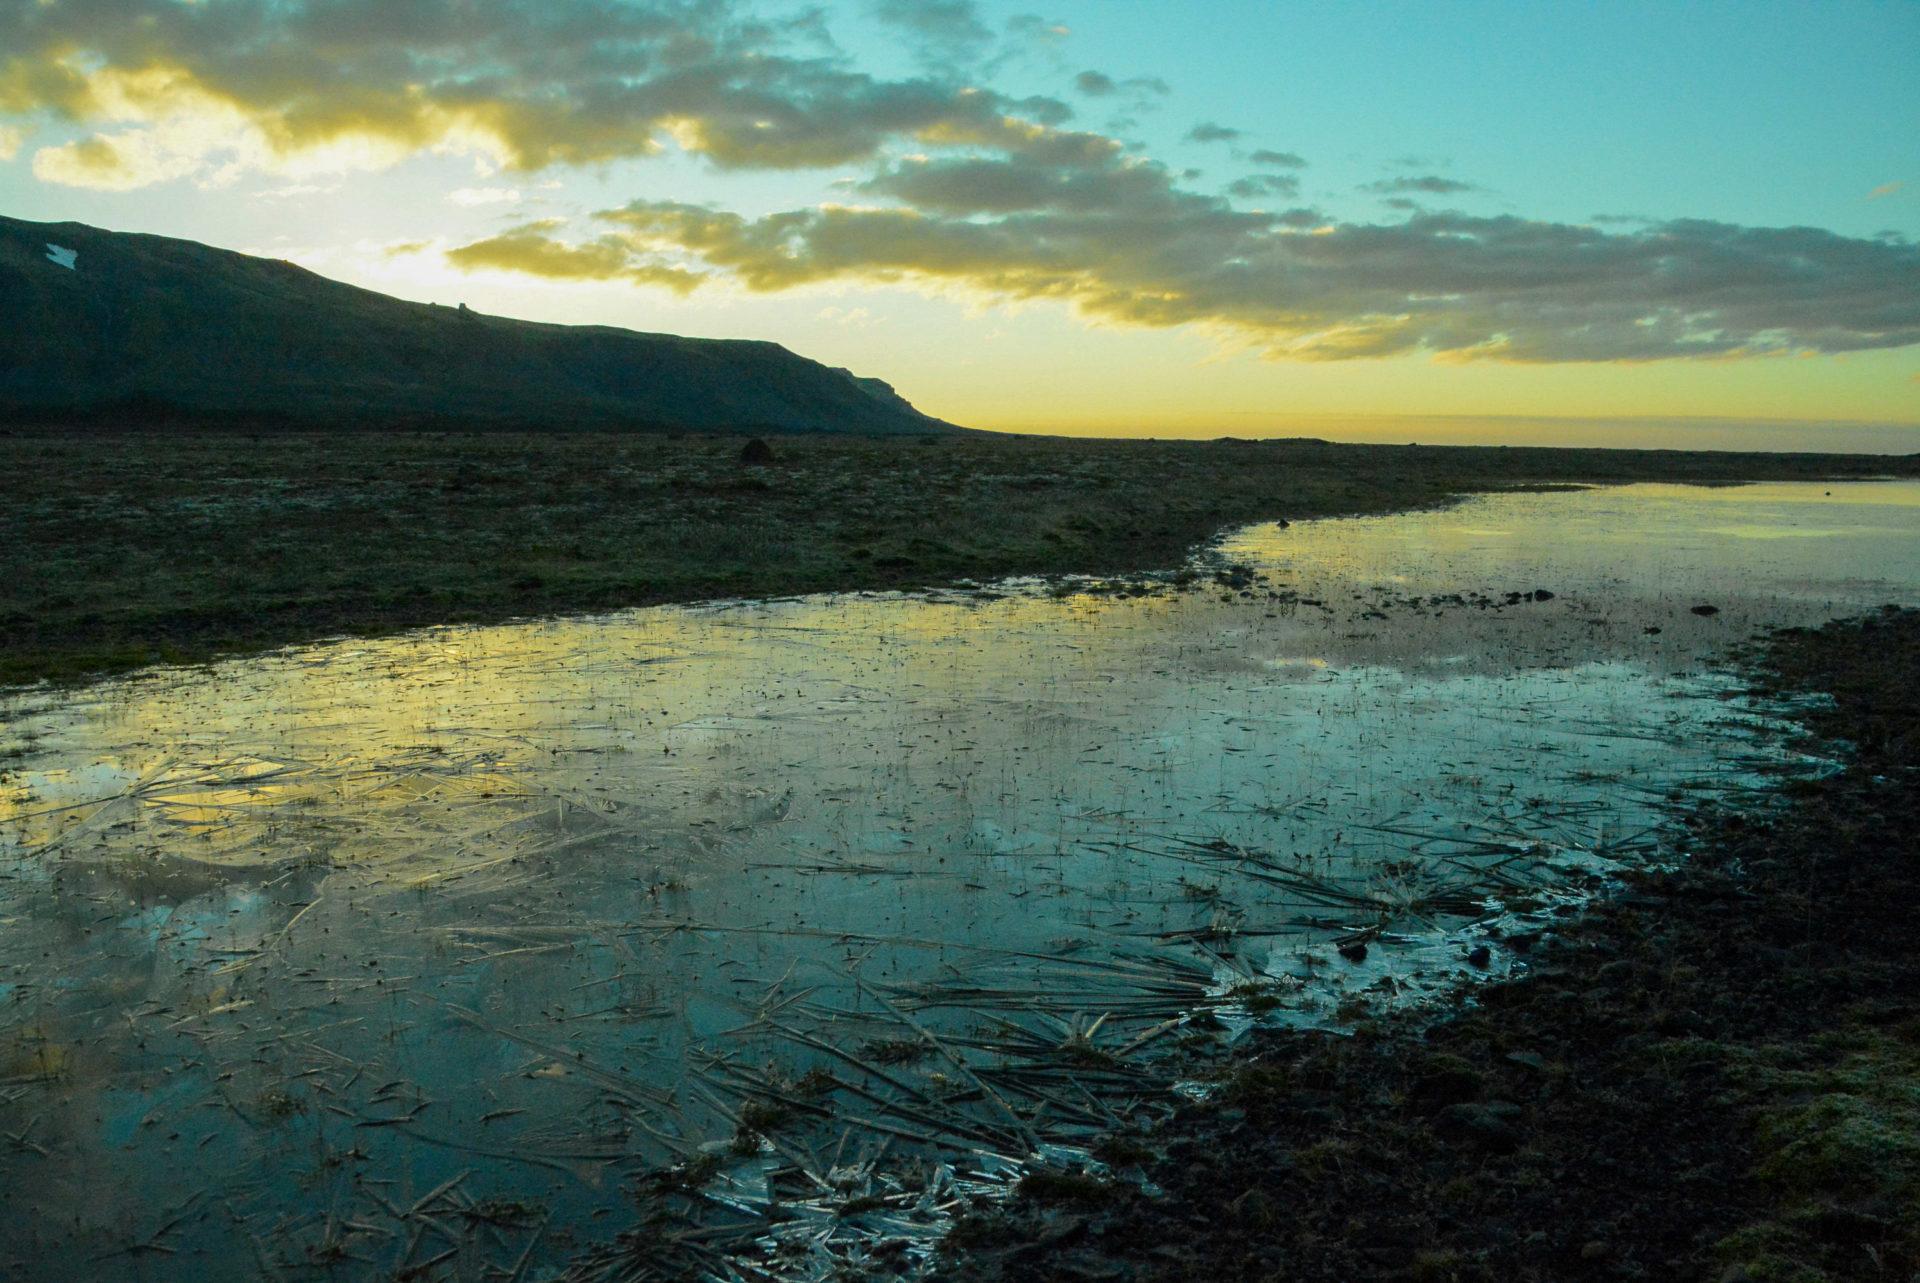 Zugefrorene Pfütze am frühen Morgen nach verpasstem Polarlicht in Island